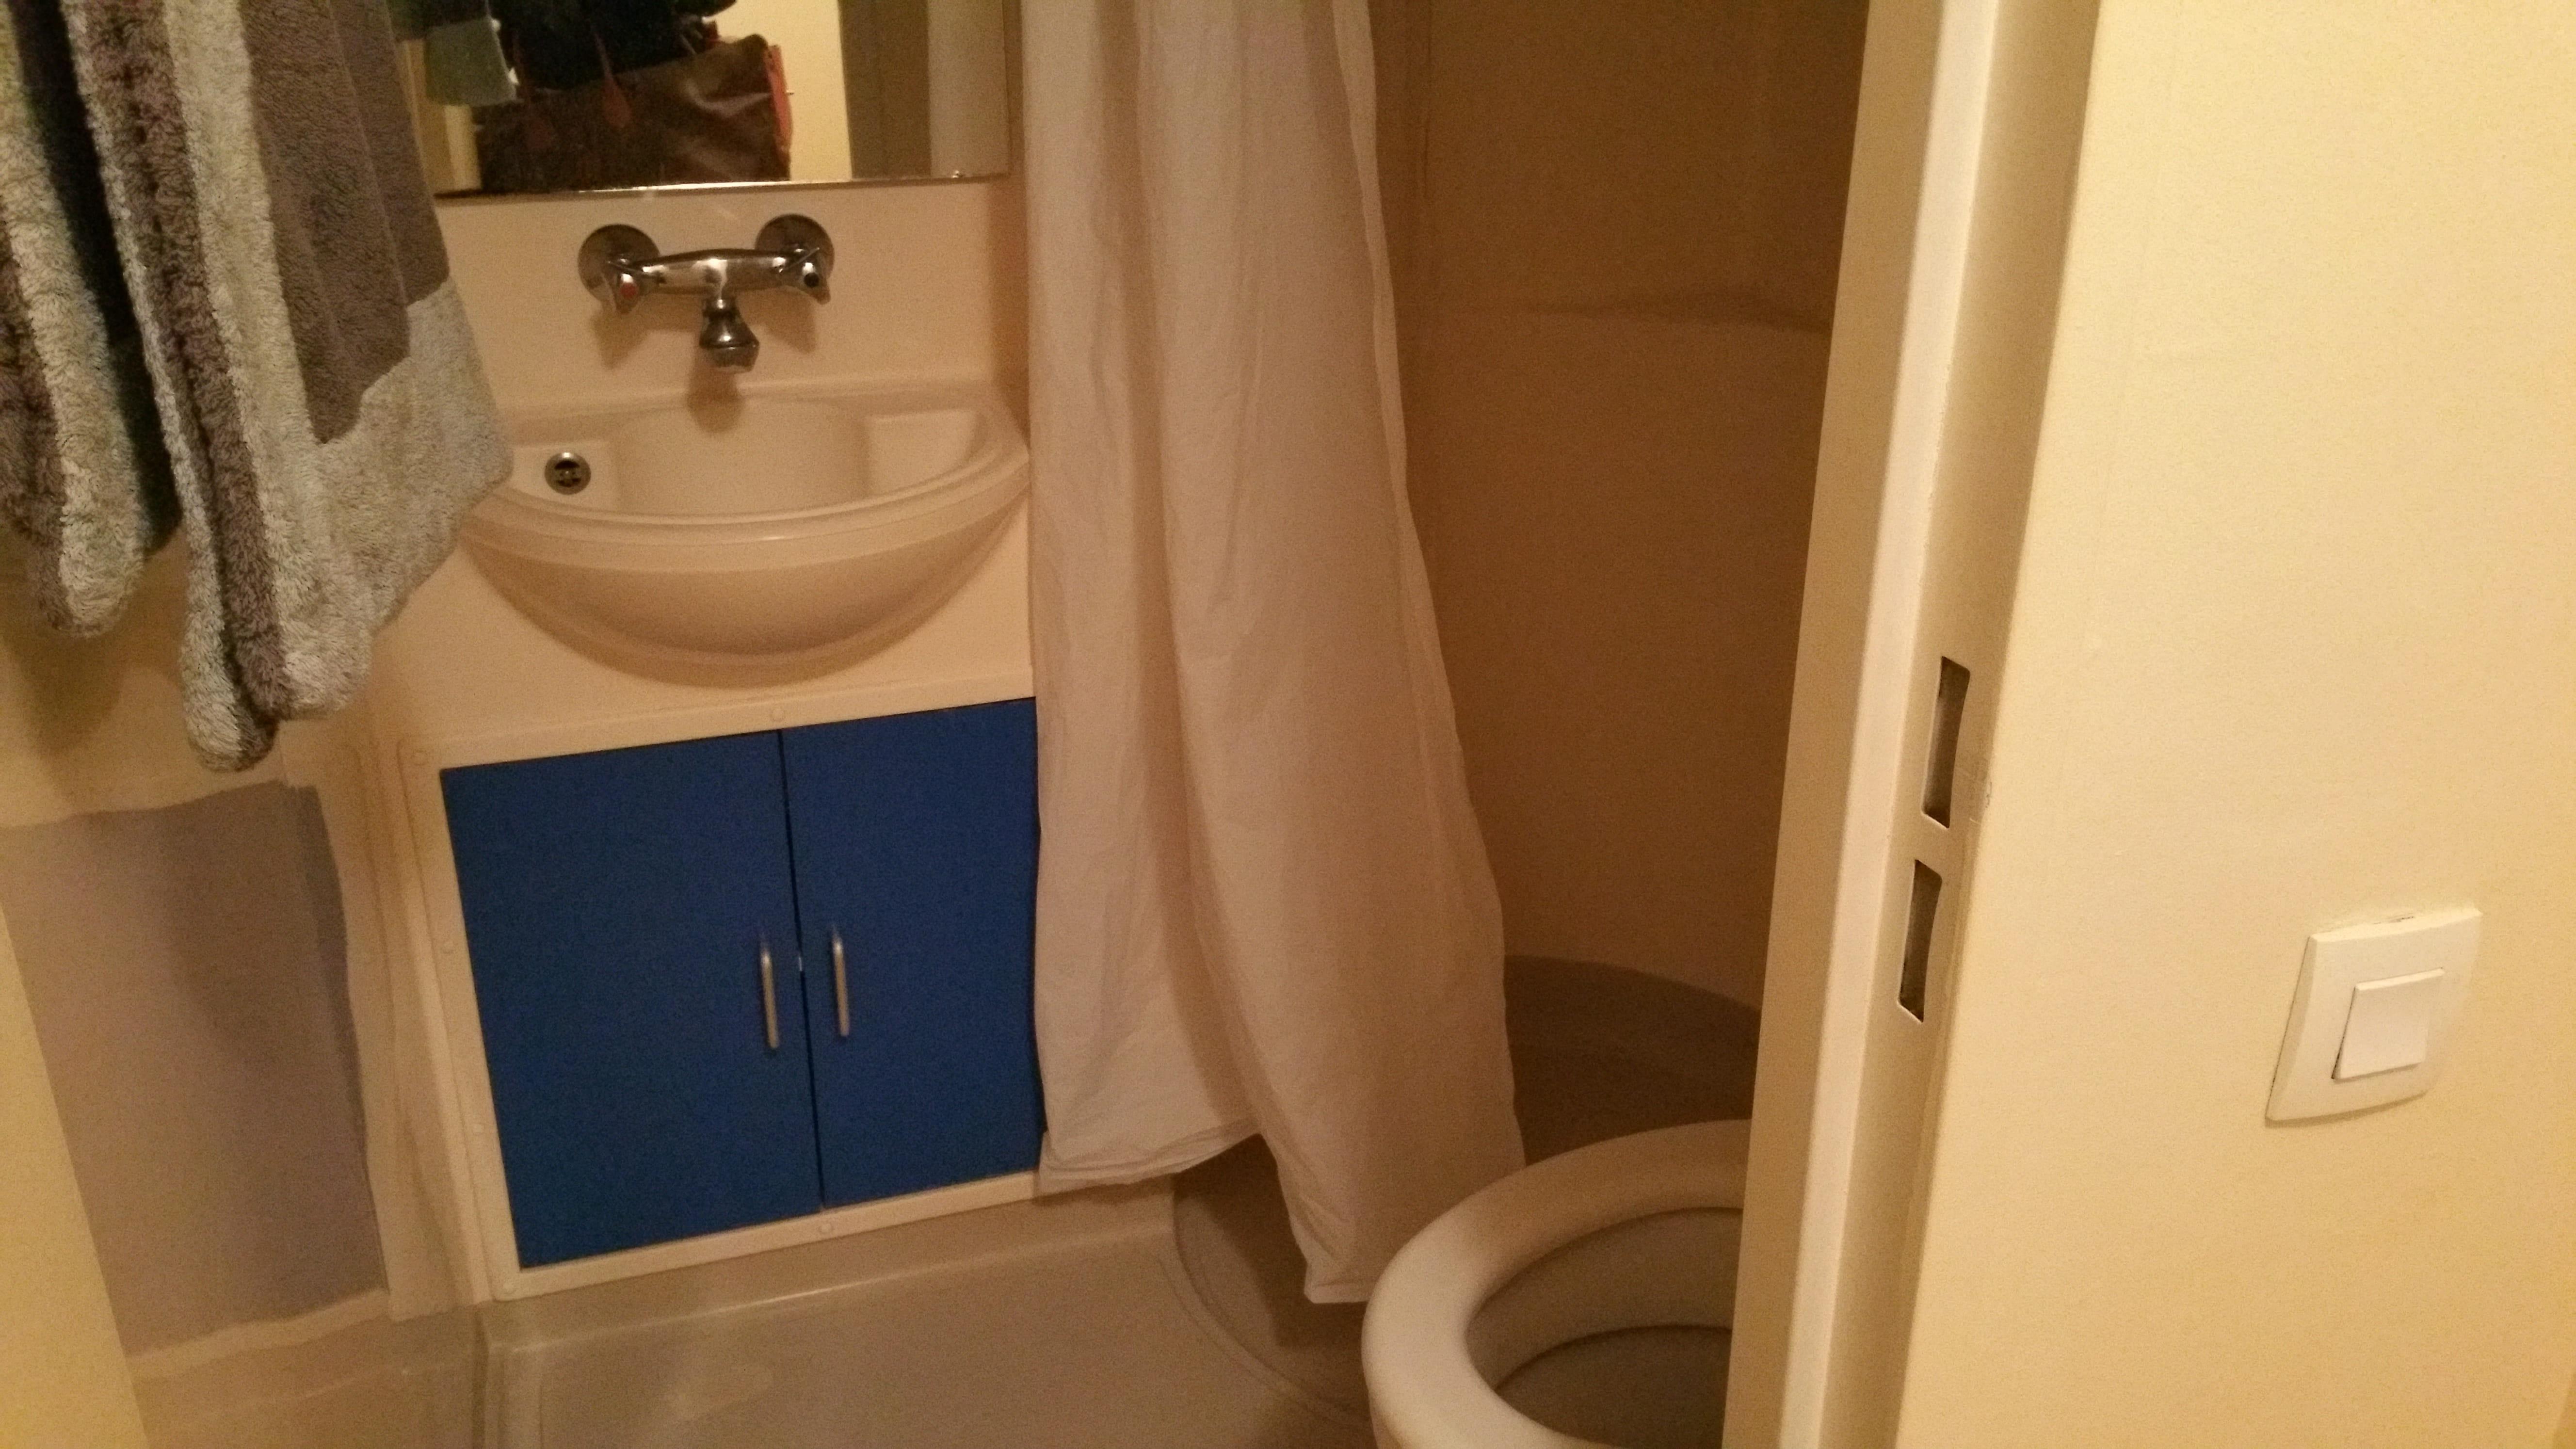 Eclairage d 39 appoint petite salle de bain r solu id es for Cherche grand miroir